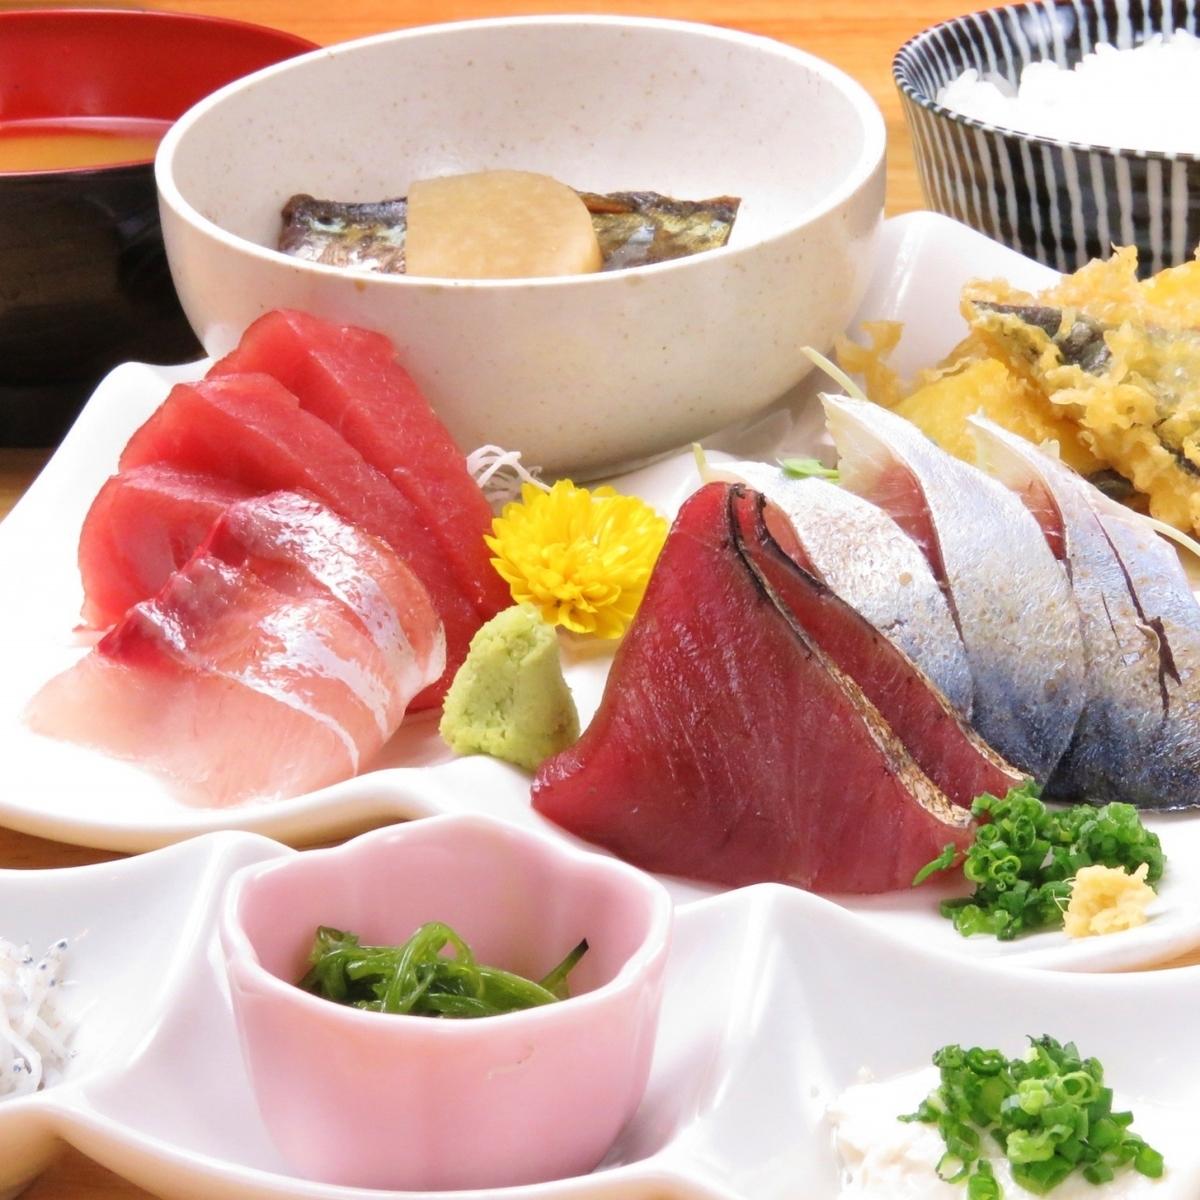 經典流行的生魚片套餐